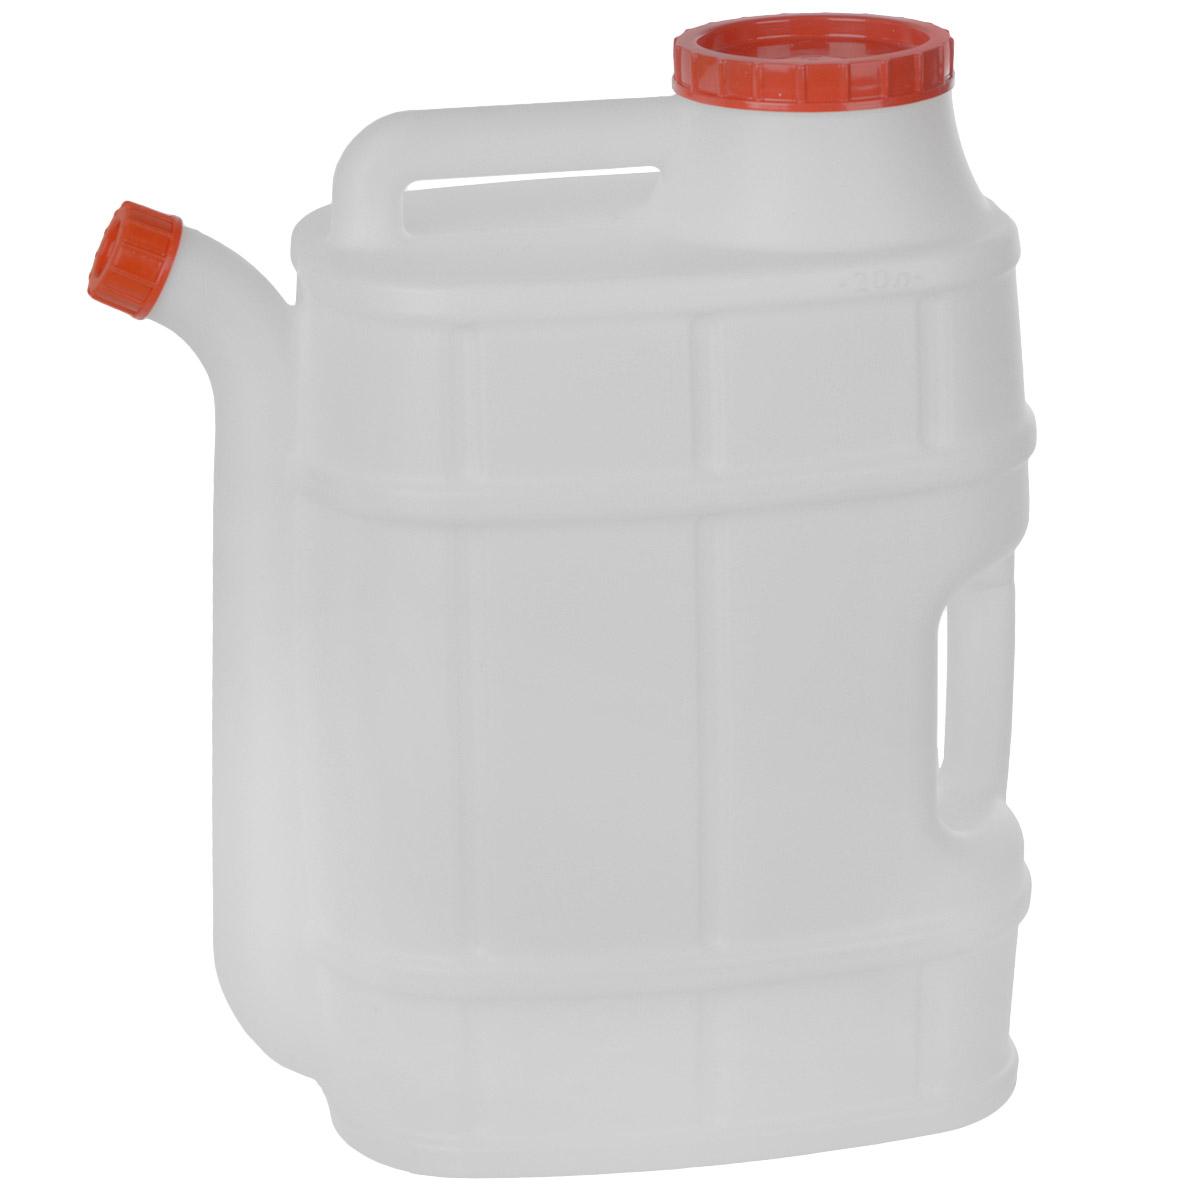 Канистра со сливом Альтернатива Бочонок, 20 лМ1282Канистра Альтернатива Бочонок на 20 литров, изготовленная из прочного пластика, несомненно, пригодится вам во время путешествия. Предназначена для переноски и хранения различных жидкостей. Канистра оснащена сливом.